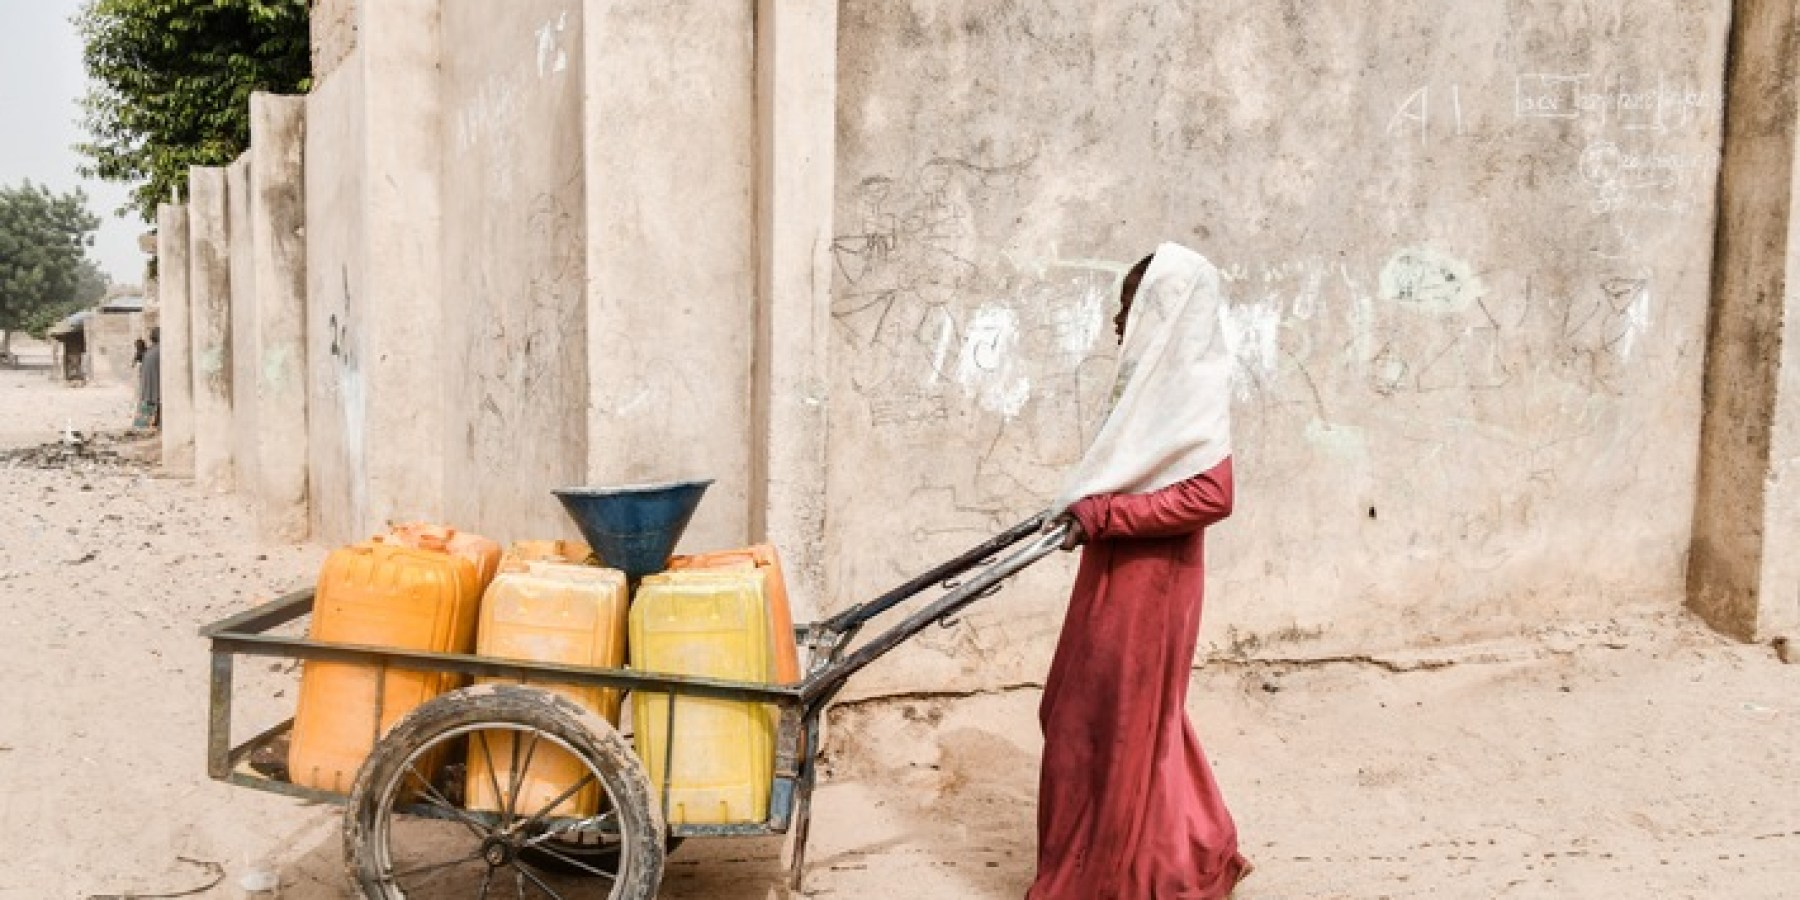 In Nigeria eskaliert die sexuelle Gewalt durch Corona-Maßnahmen